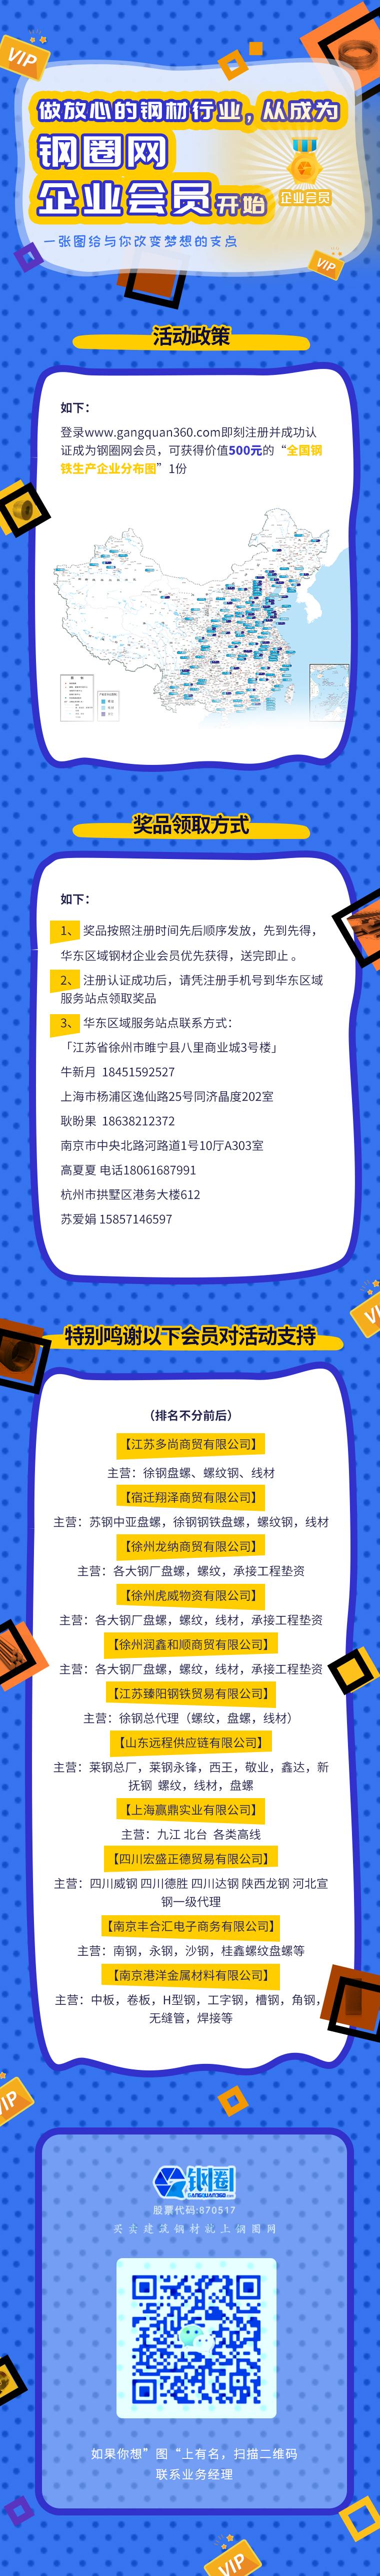 注册送全国钢厂地图活动.jpg